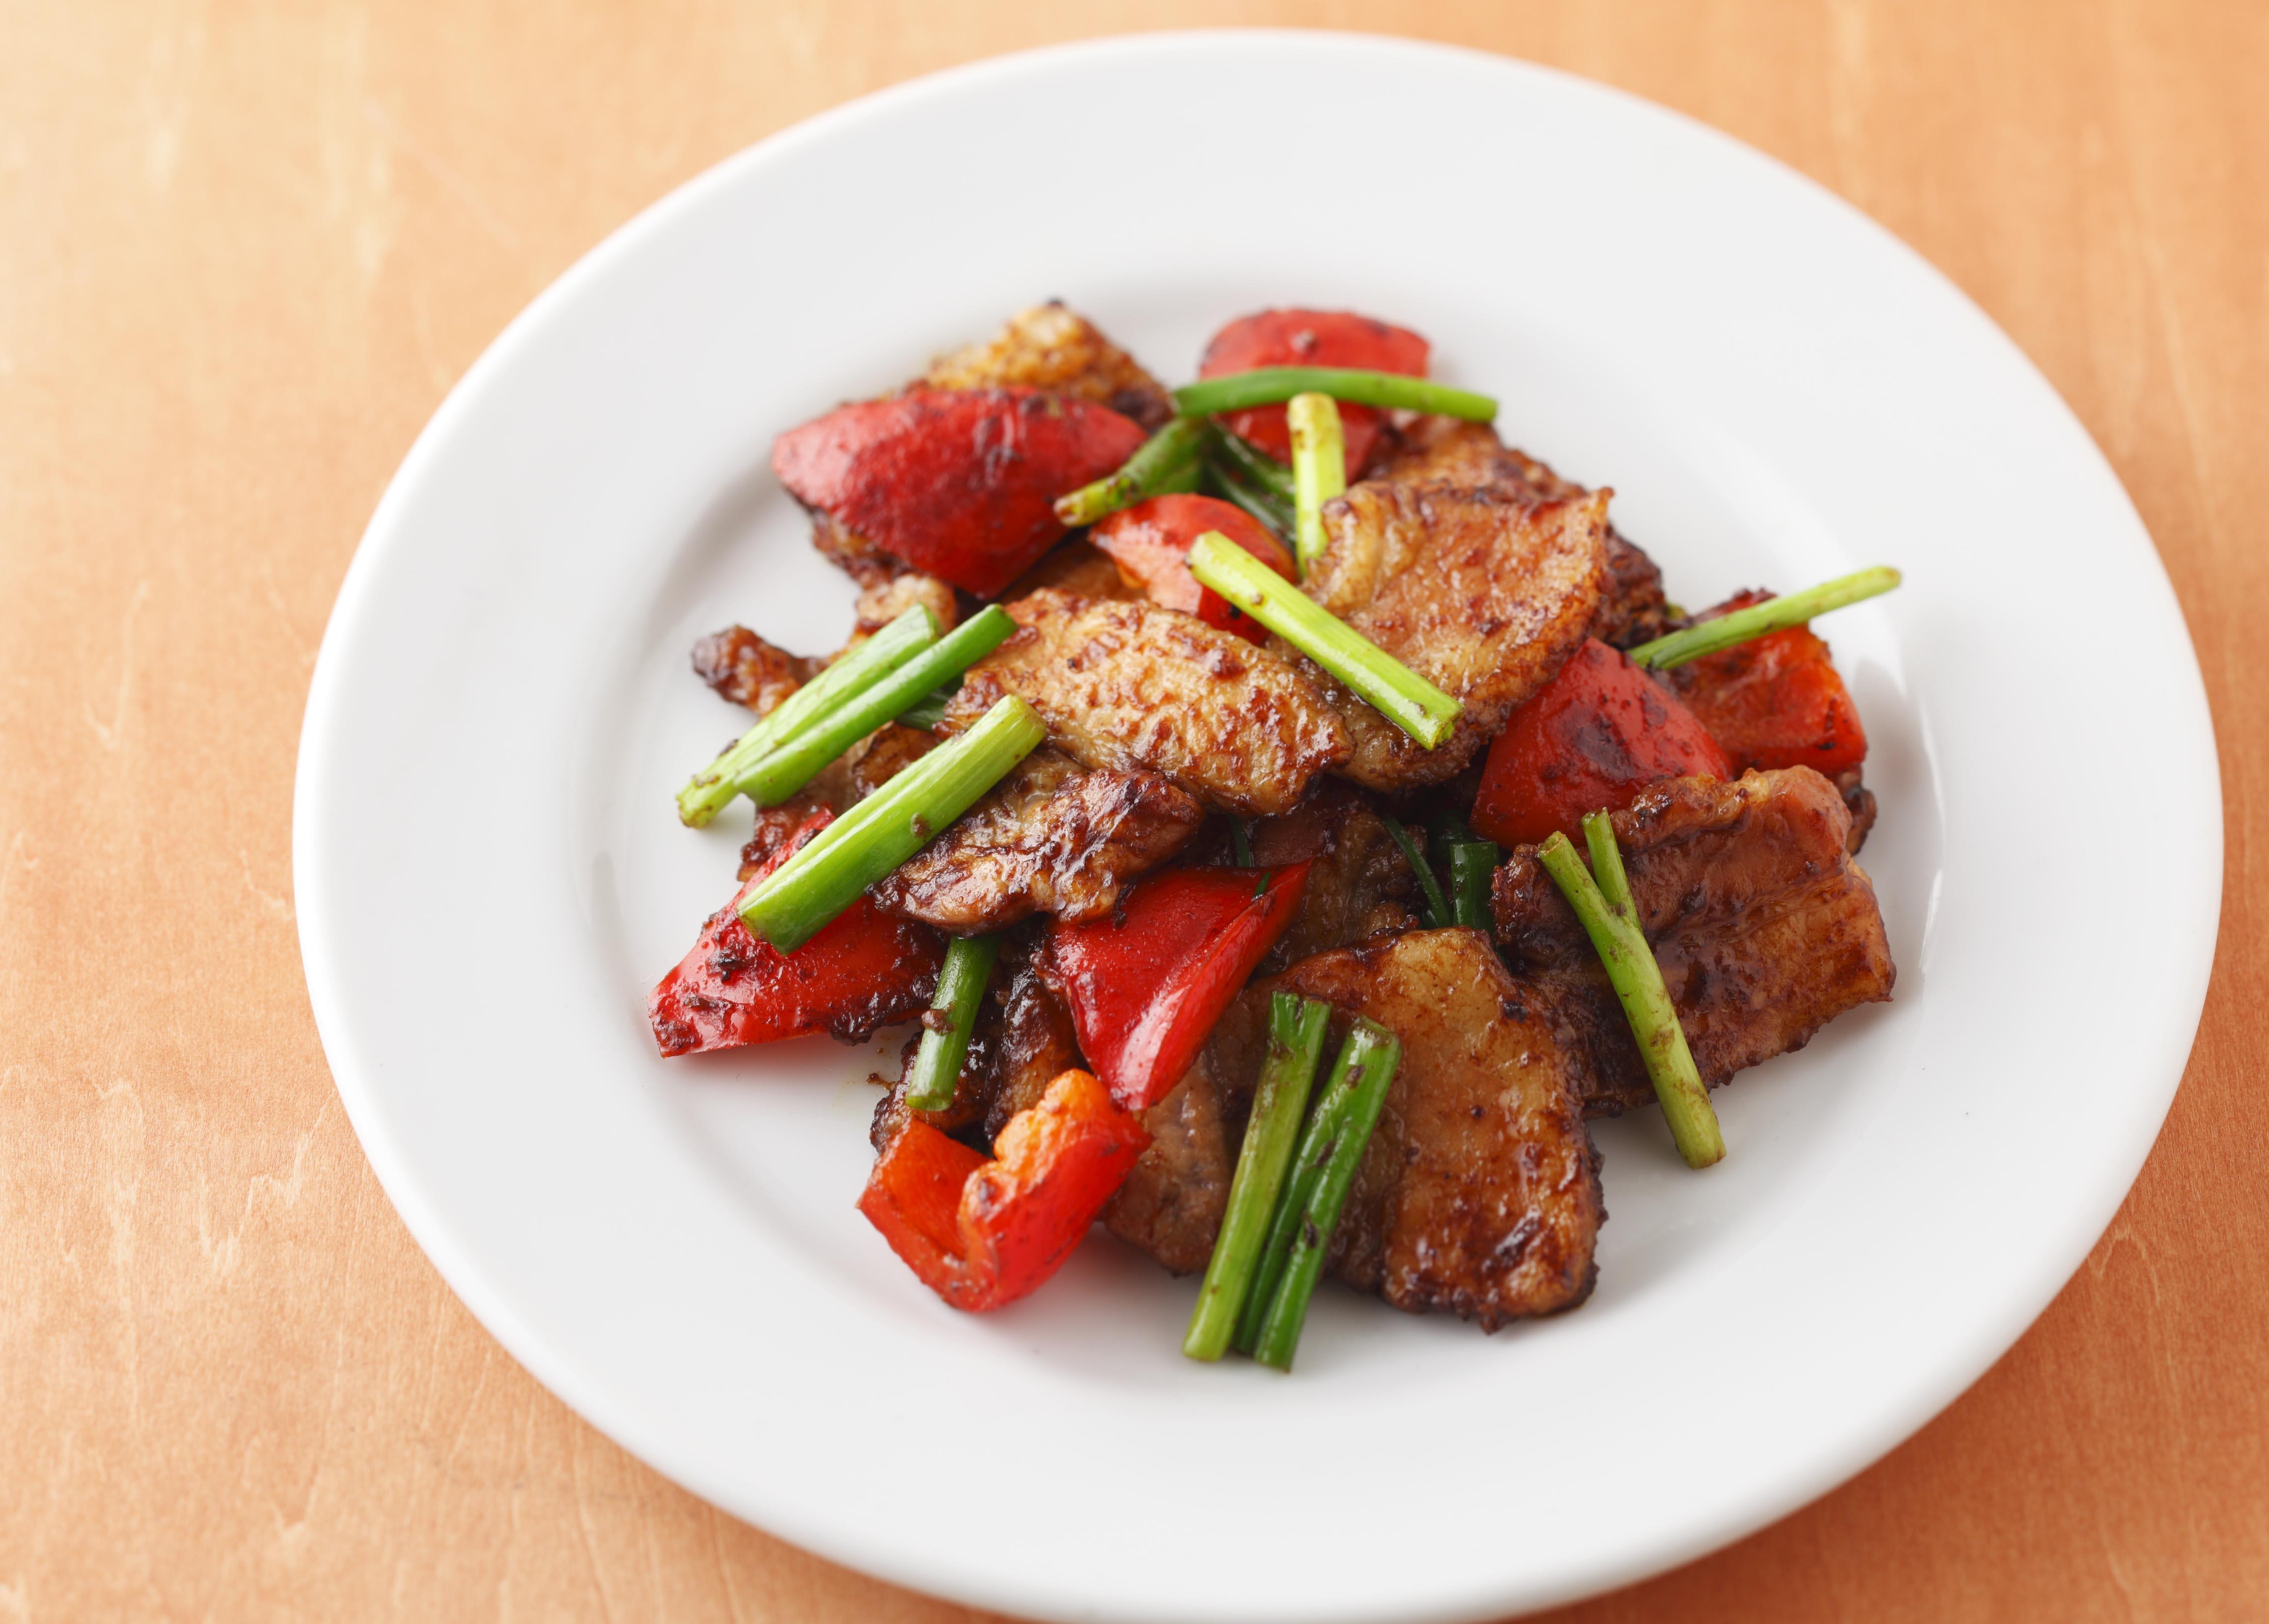 豚肉のカレー炒め はちみつ入り